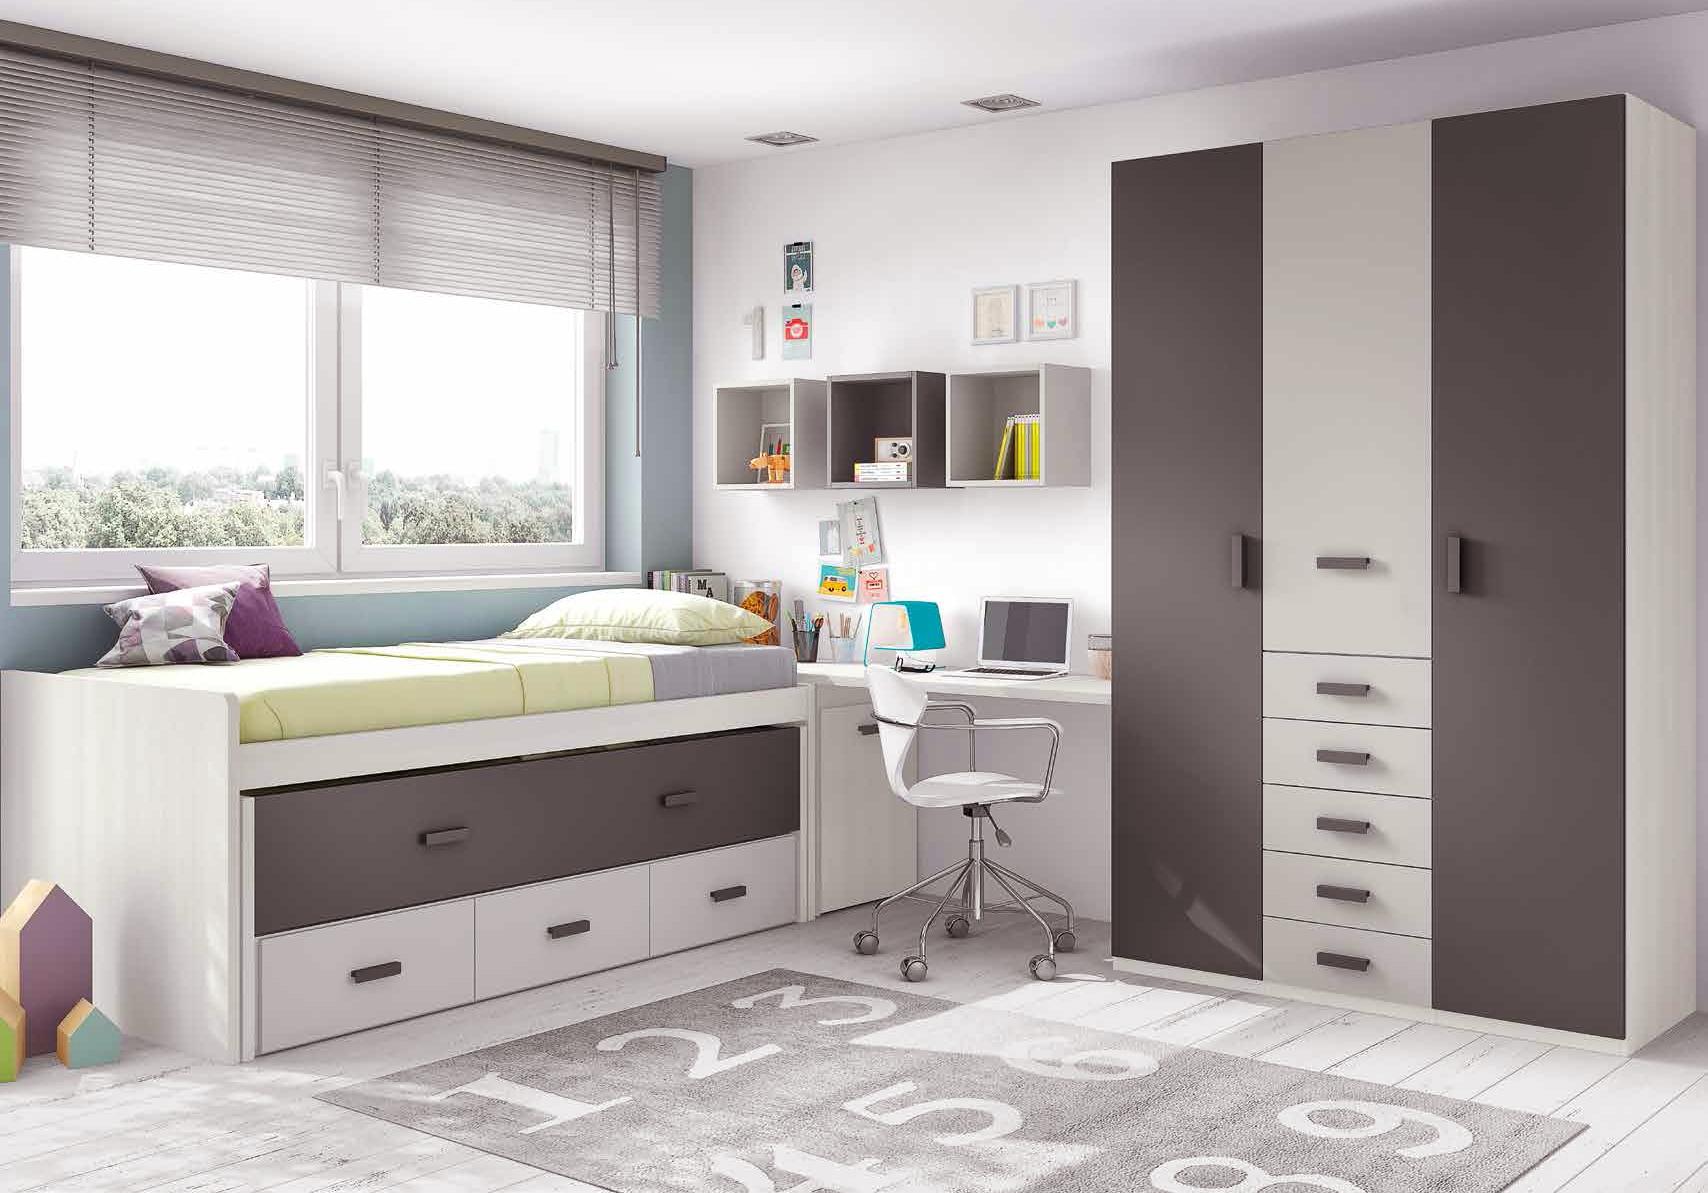 Chambre ado garcon moderne avec lit gigogne glicerio for Couleur mur chambre ado garcon